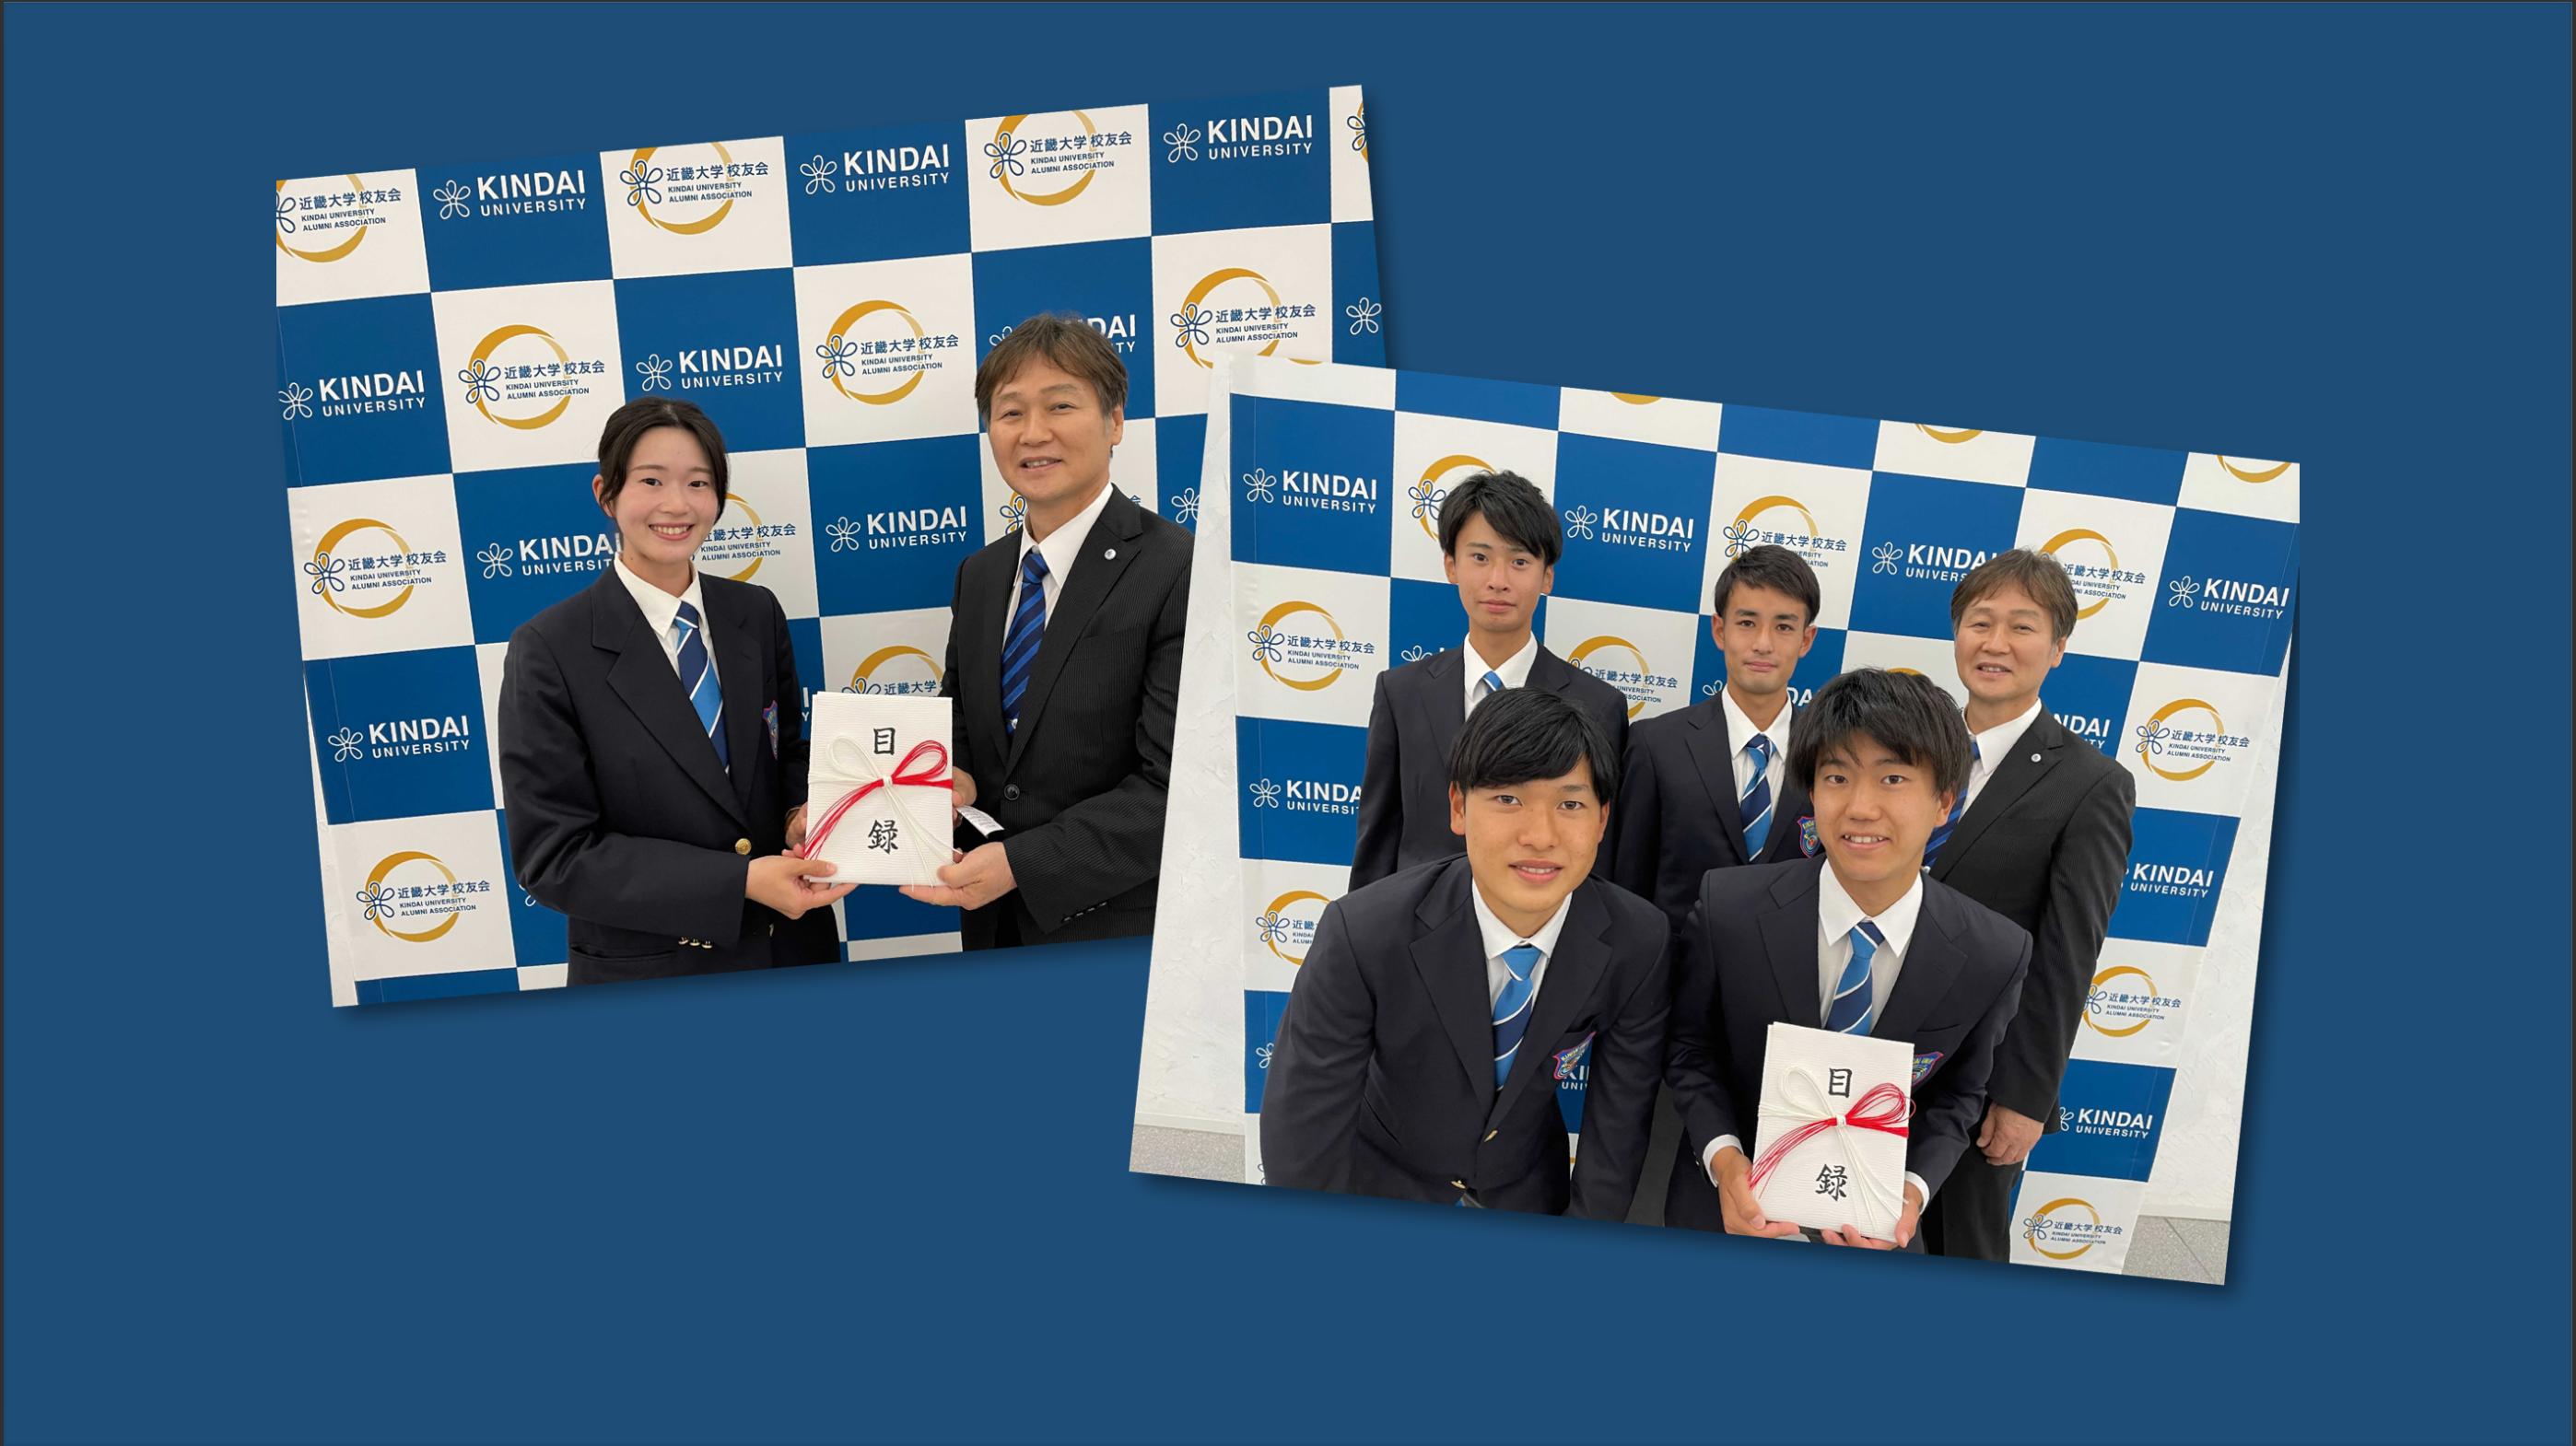 【ご報告】第59回 全日本学生アーチェリー男子王座決定戦および個人選手権大会 優勝に伴う授与式について